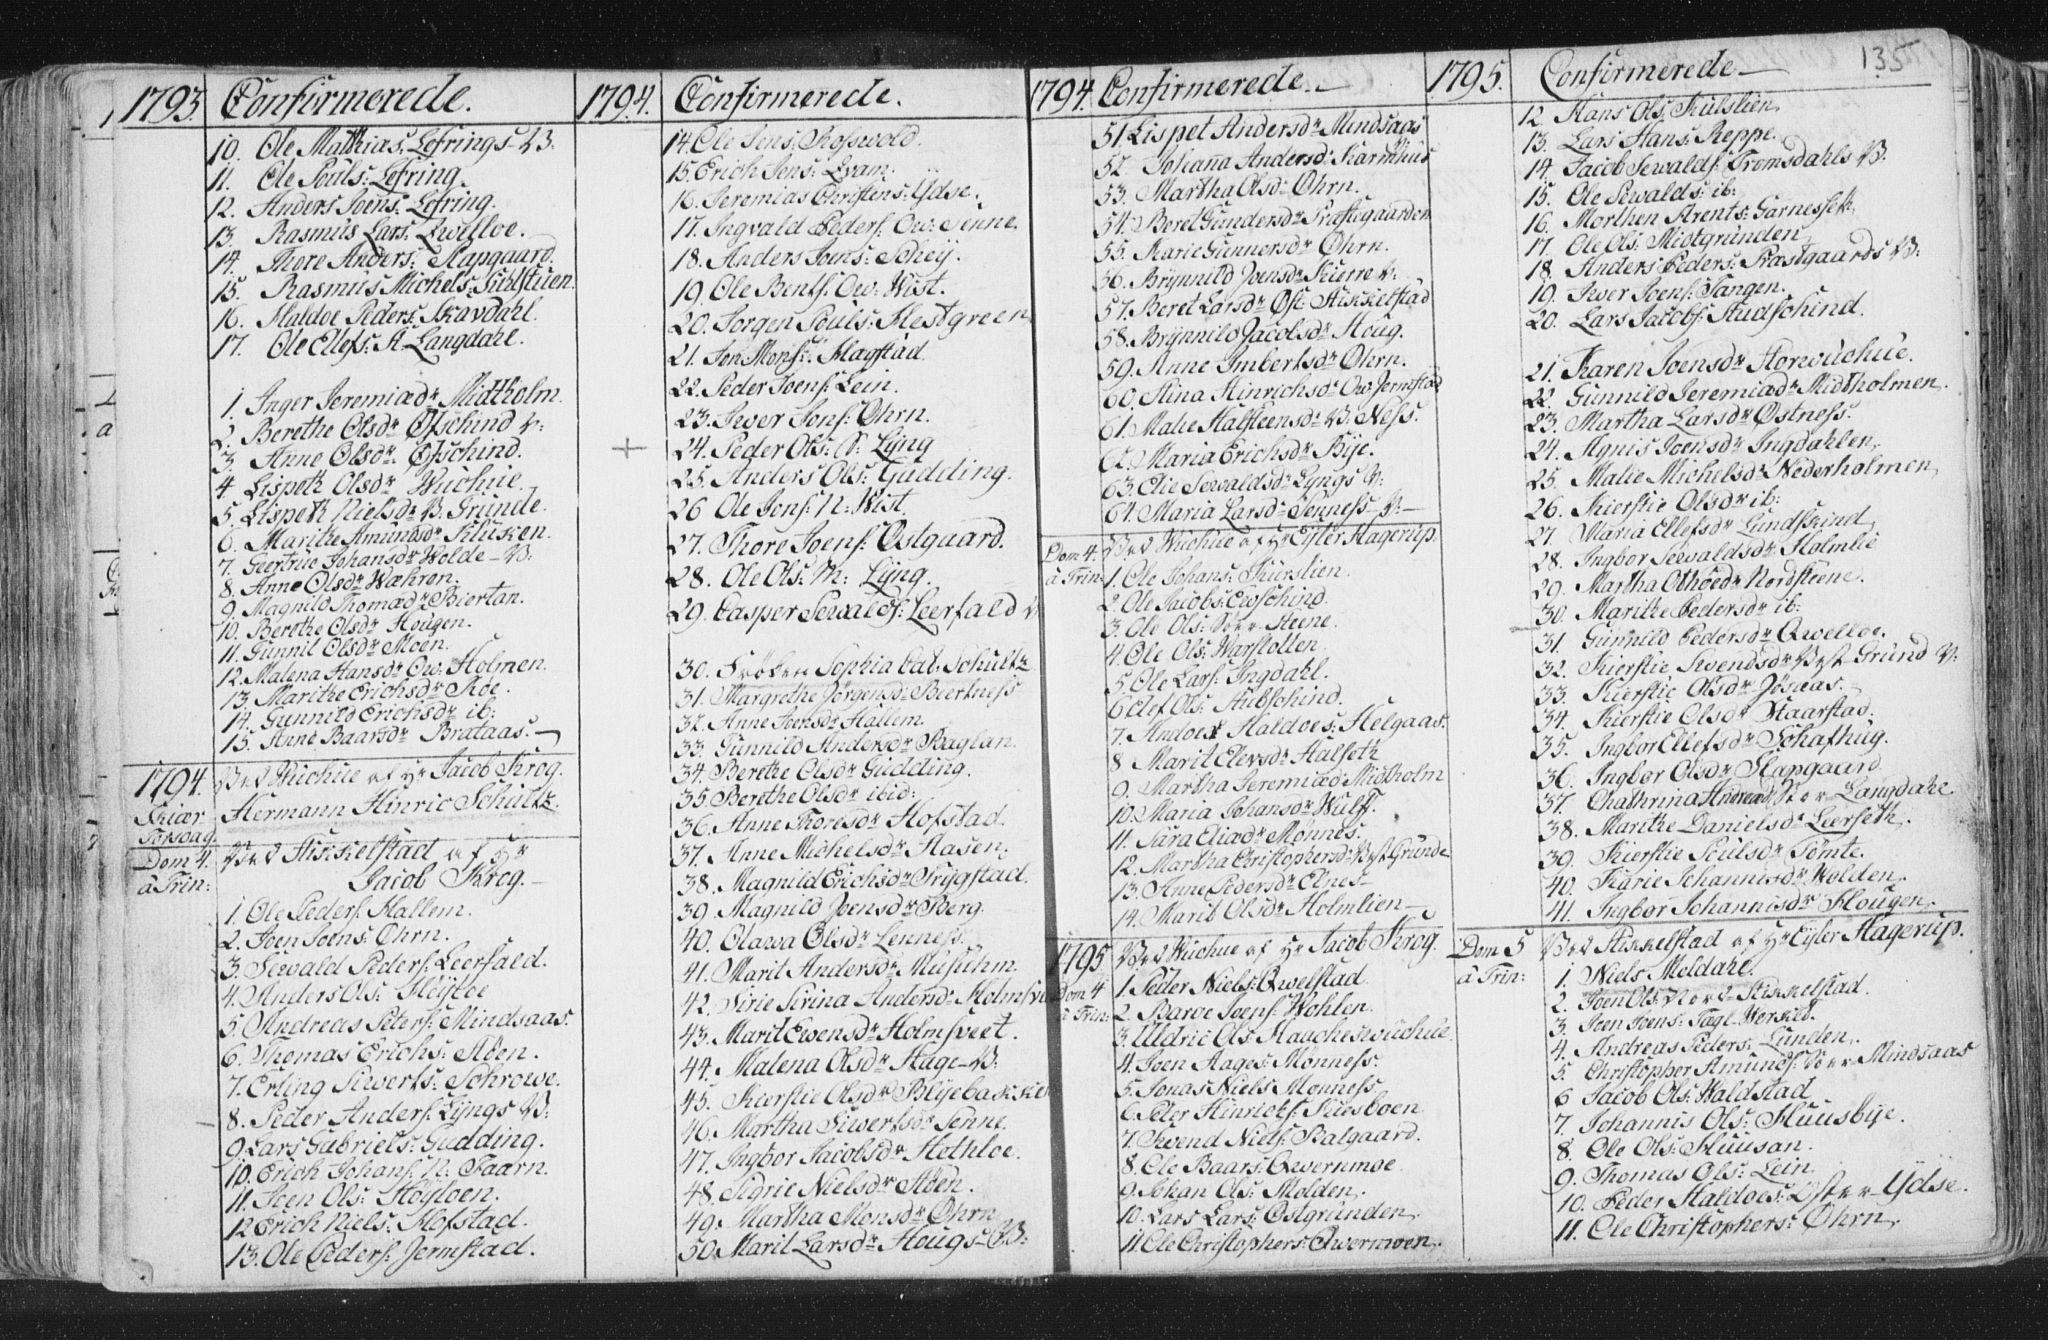 SAT, Ministerialprotokoller, klokkerbøker og fødselsregistre - Nord-Trøndelag, 723/L0232: Ministerialbok nr. 723A03, 1781-1804, s. 135